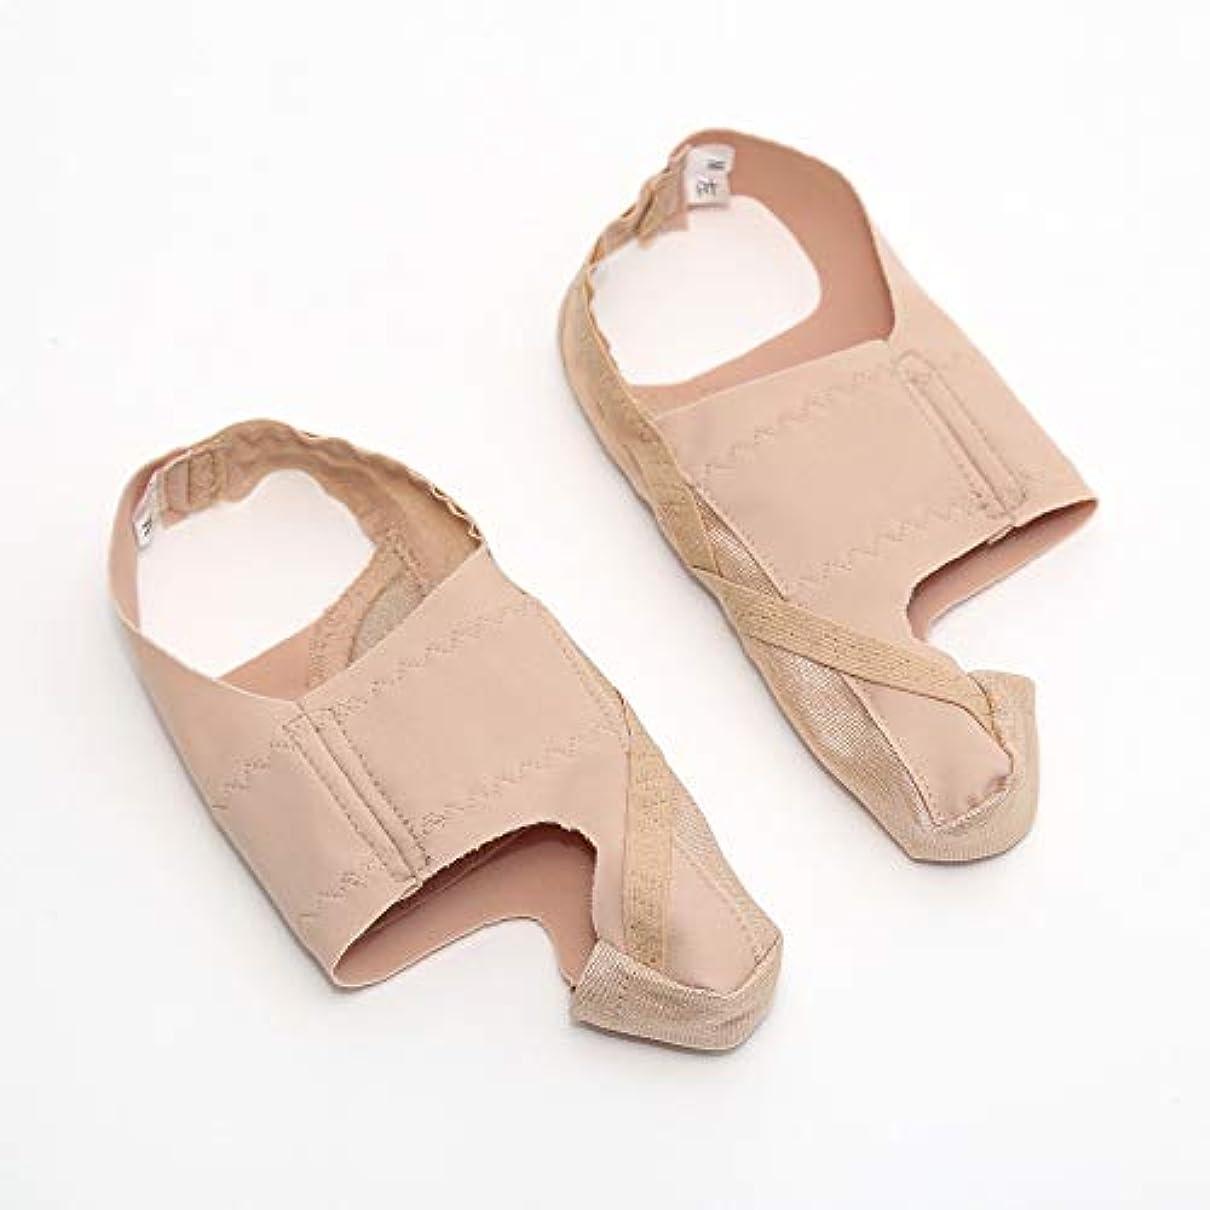 かろうじてりんごびっくりした靴も履けるんデス EX Sサイズ コエンザイムQ10 美容エッセンスマスク付セット